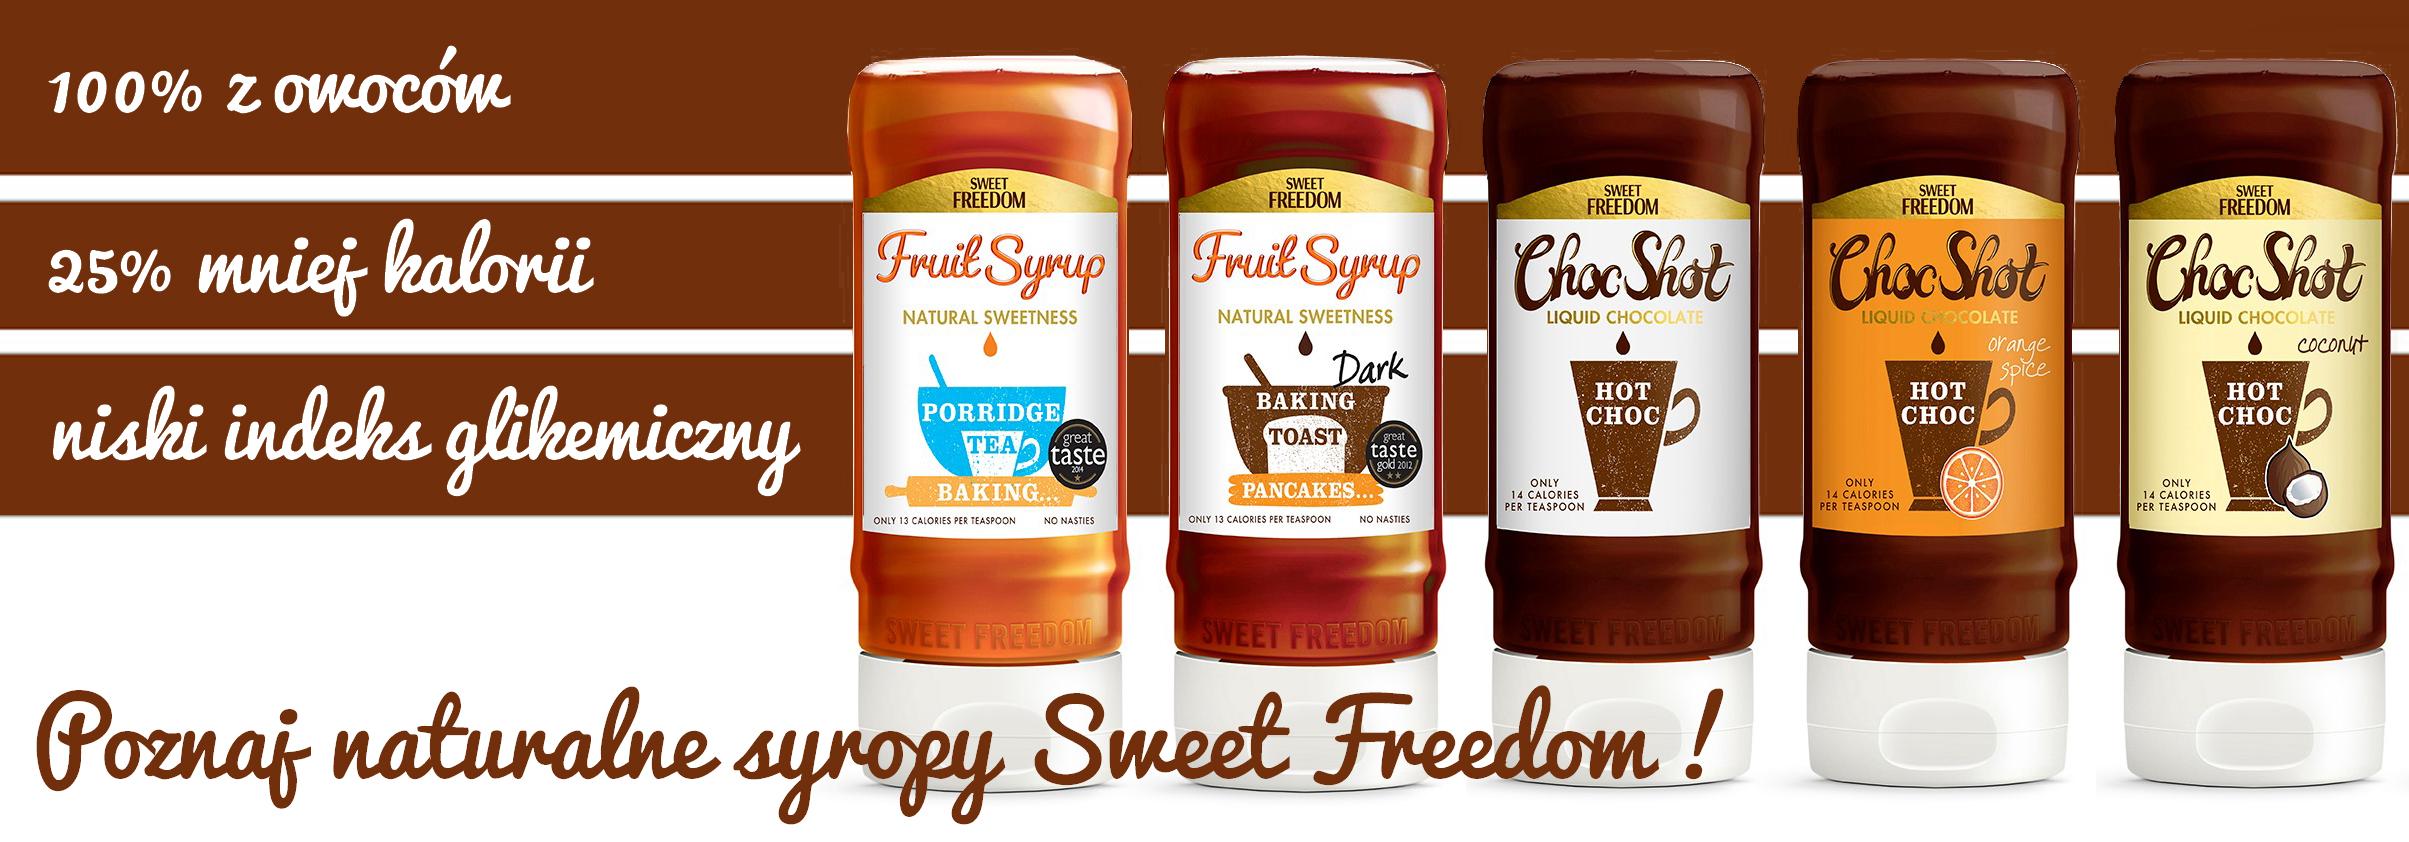 Sweet Freedom naturalne syropy bez cukru